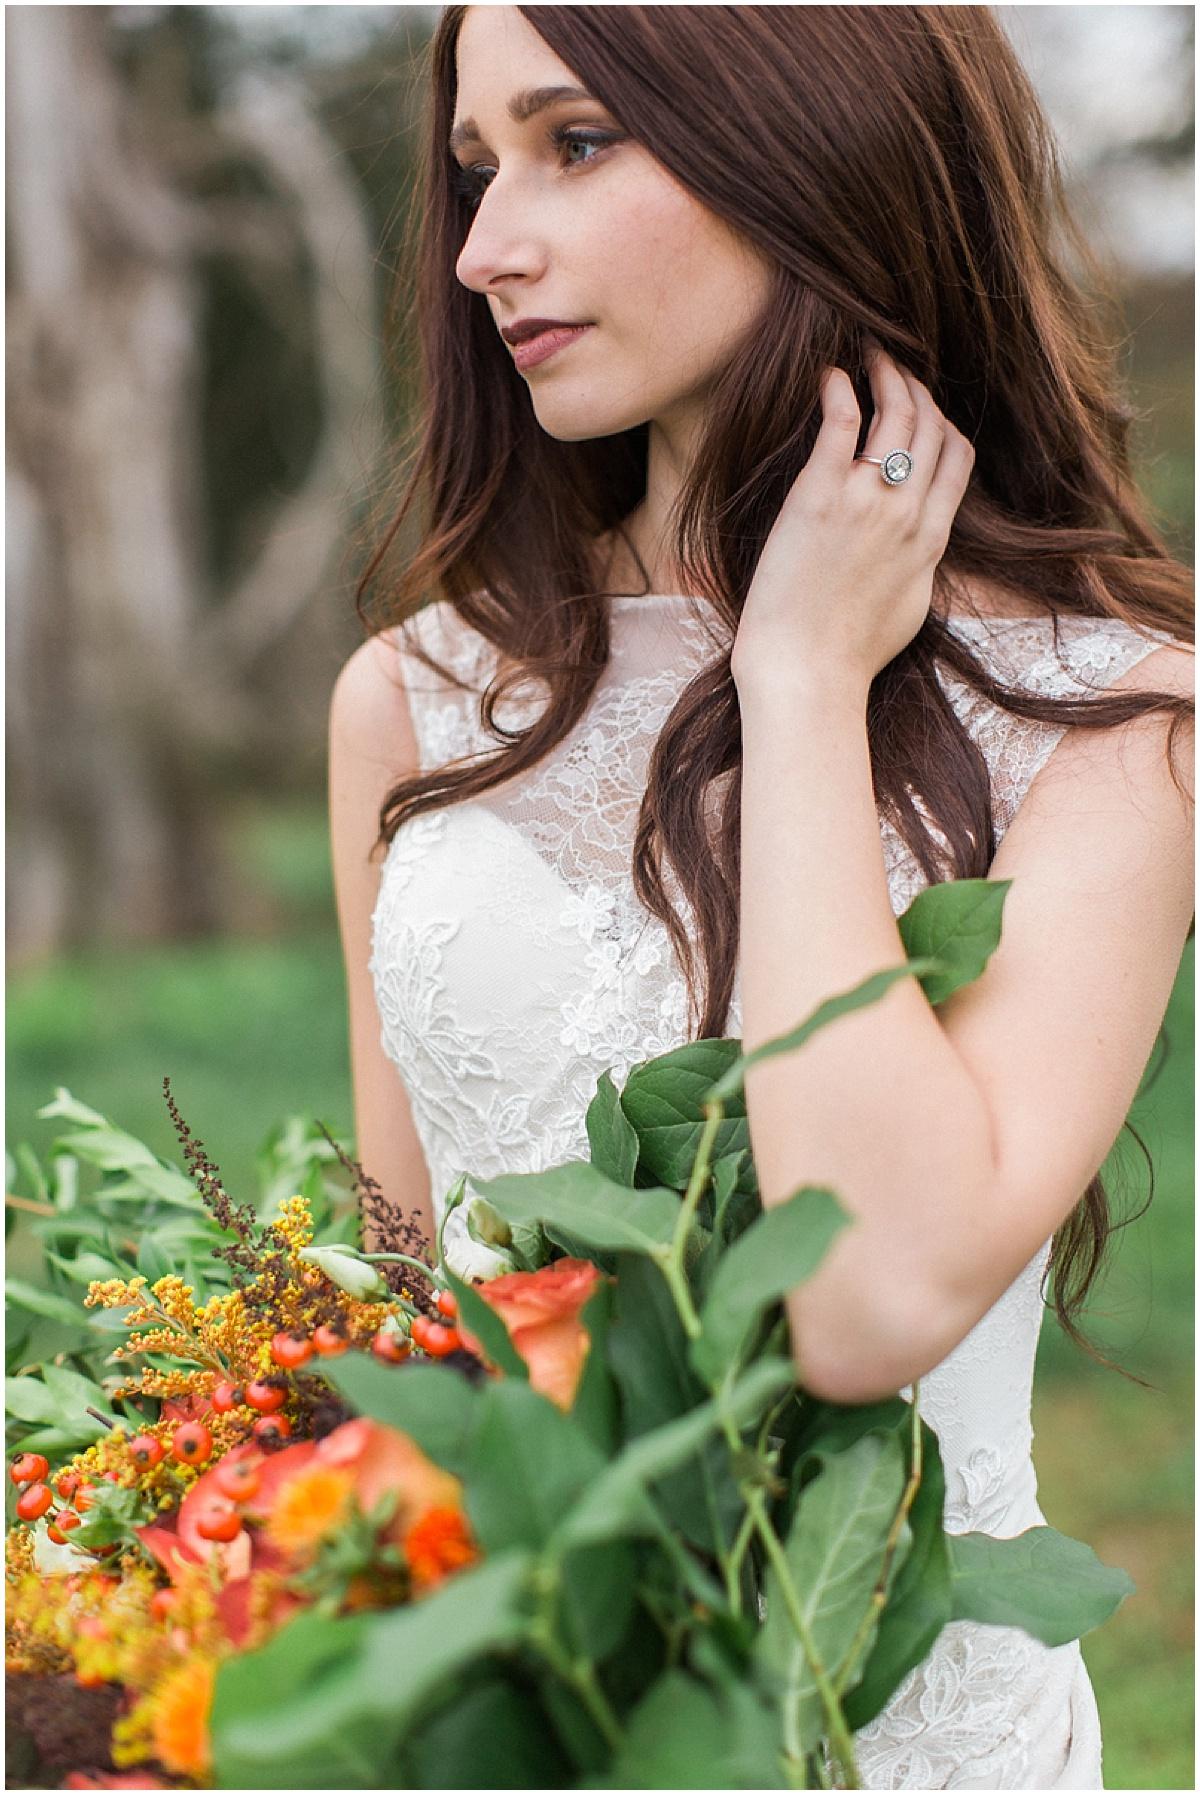 Abigail_Malone_Fall_Wedding_Film_Portra_400_Mountain_Views_Abby_Elizabeth-114.jpg